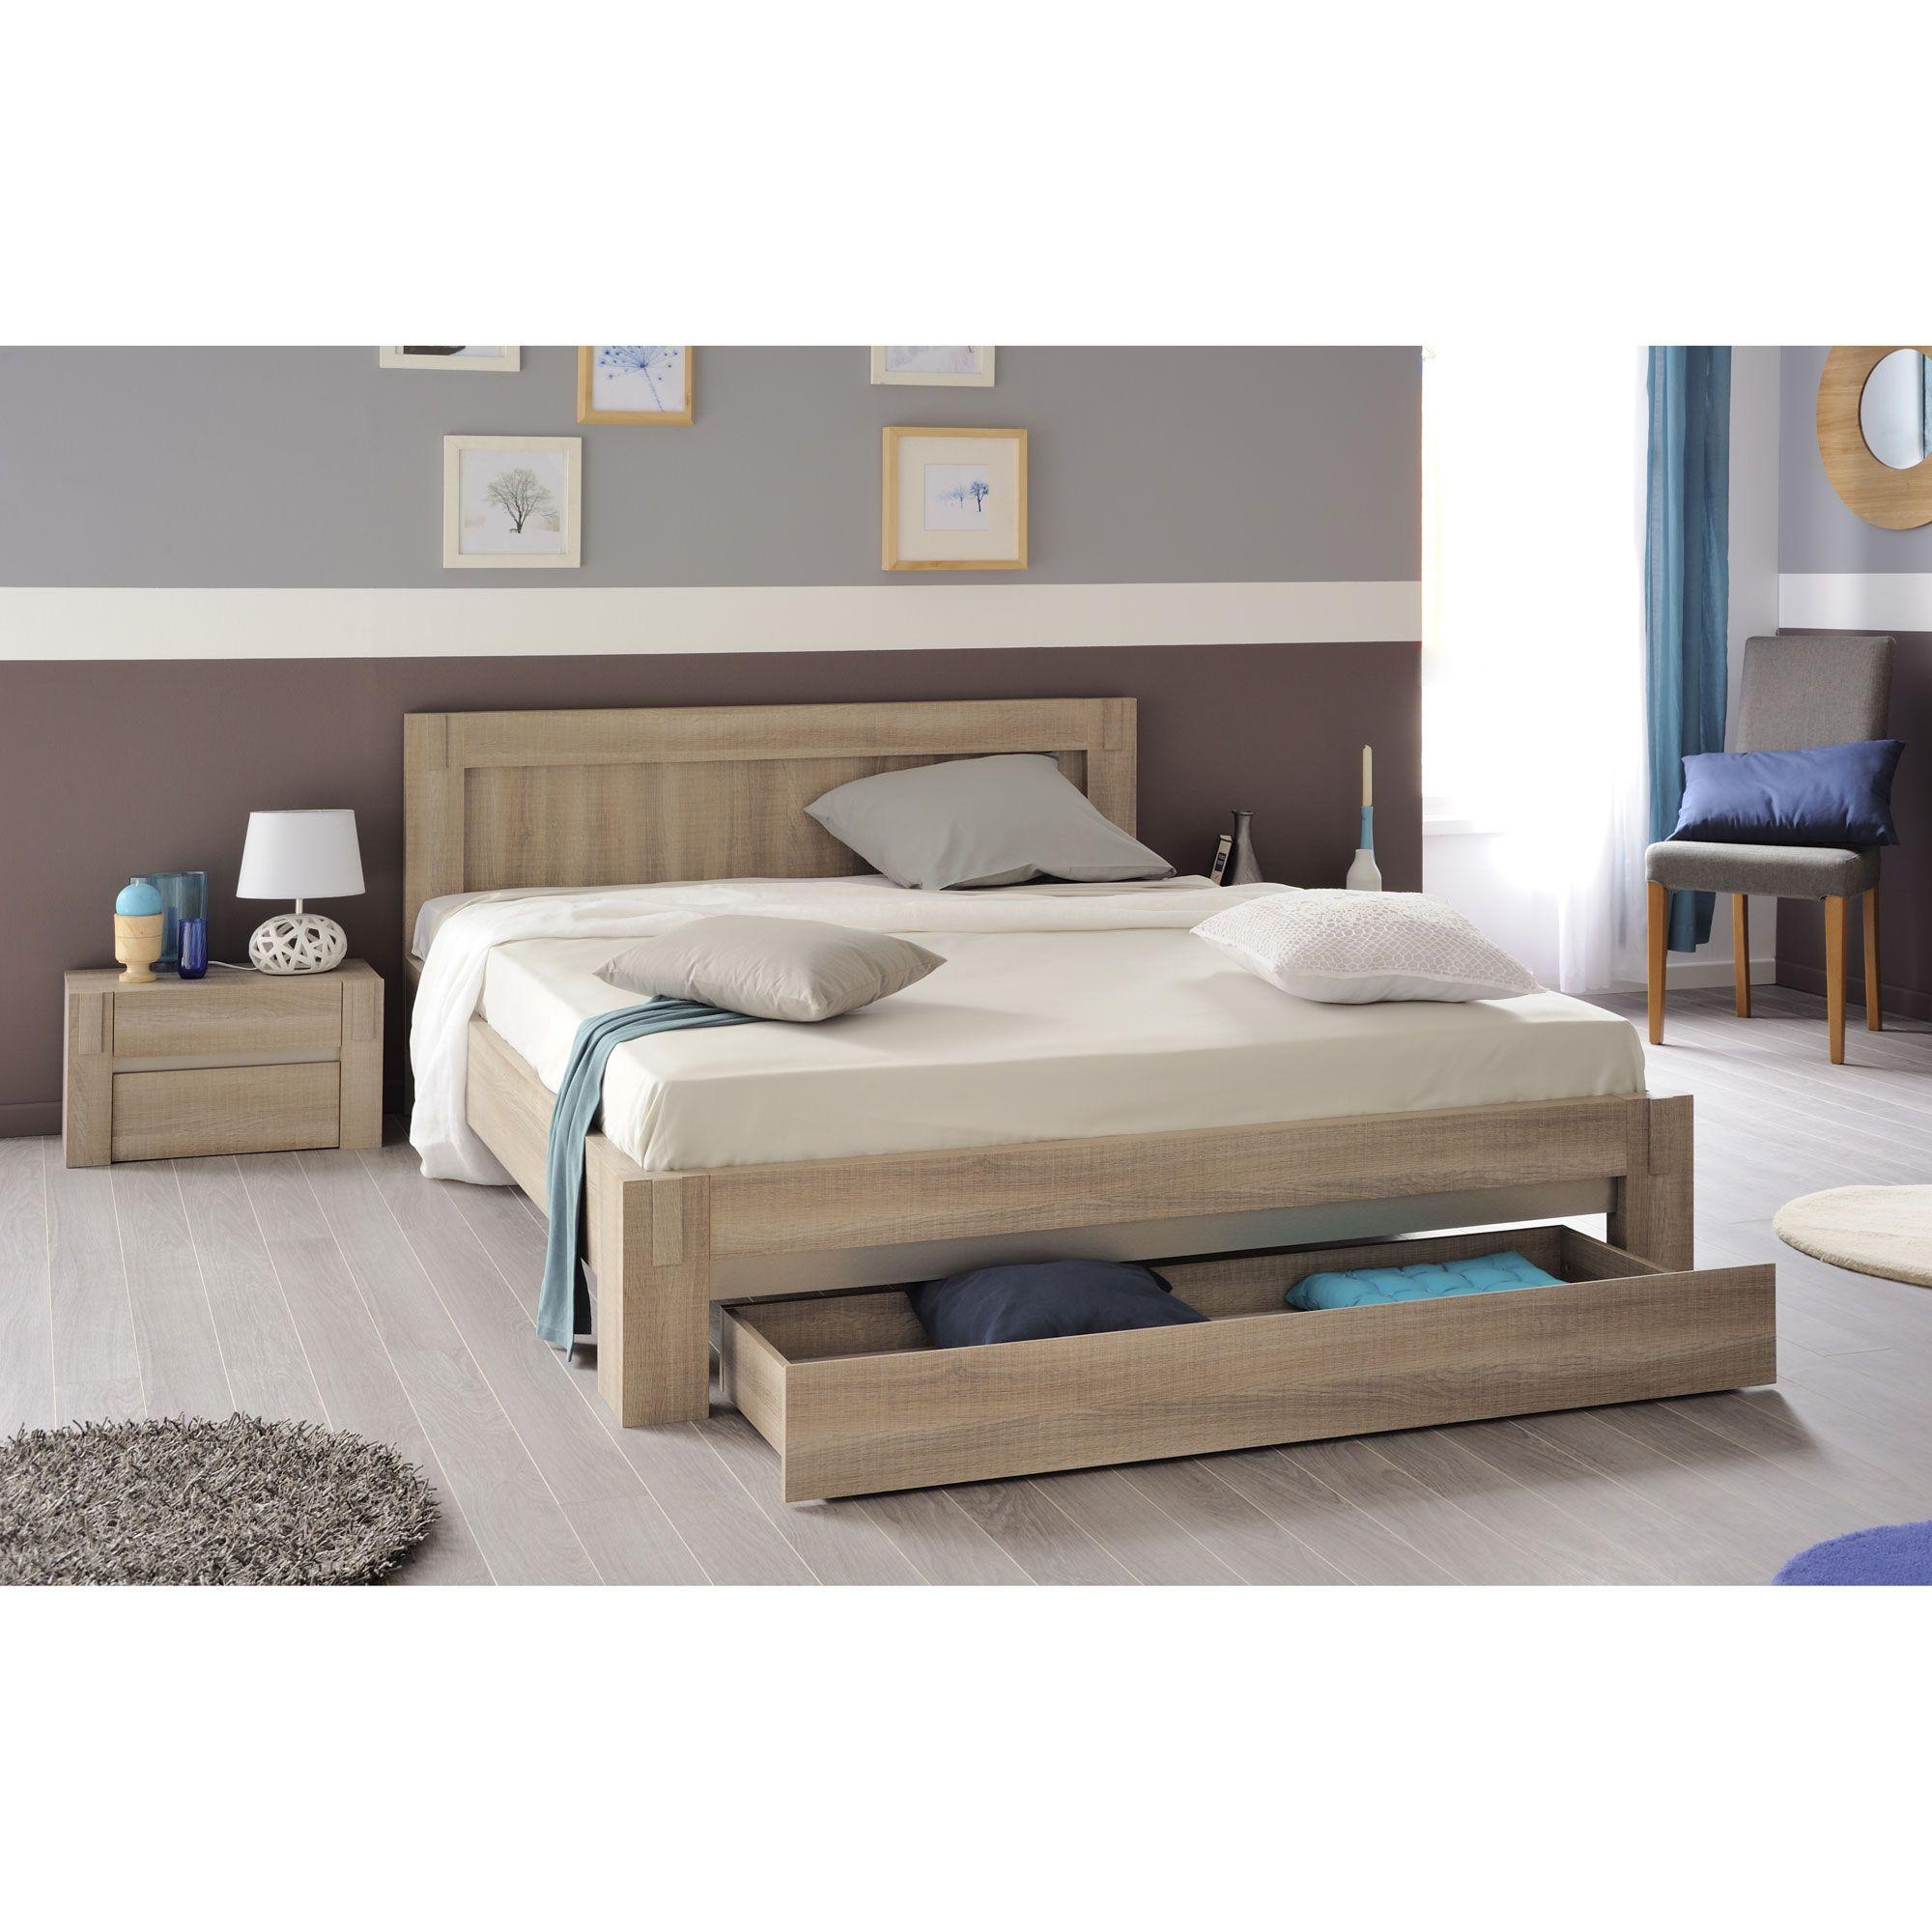 lit deux personnes avec tiroir de lit auberge port offert. Black Bedroom Furniture Sets. Home Design Ideas